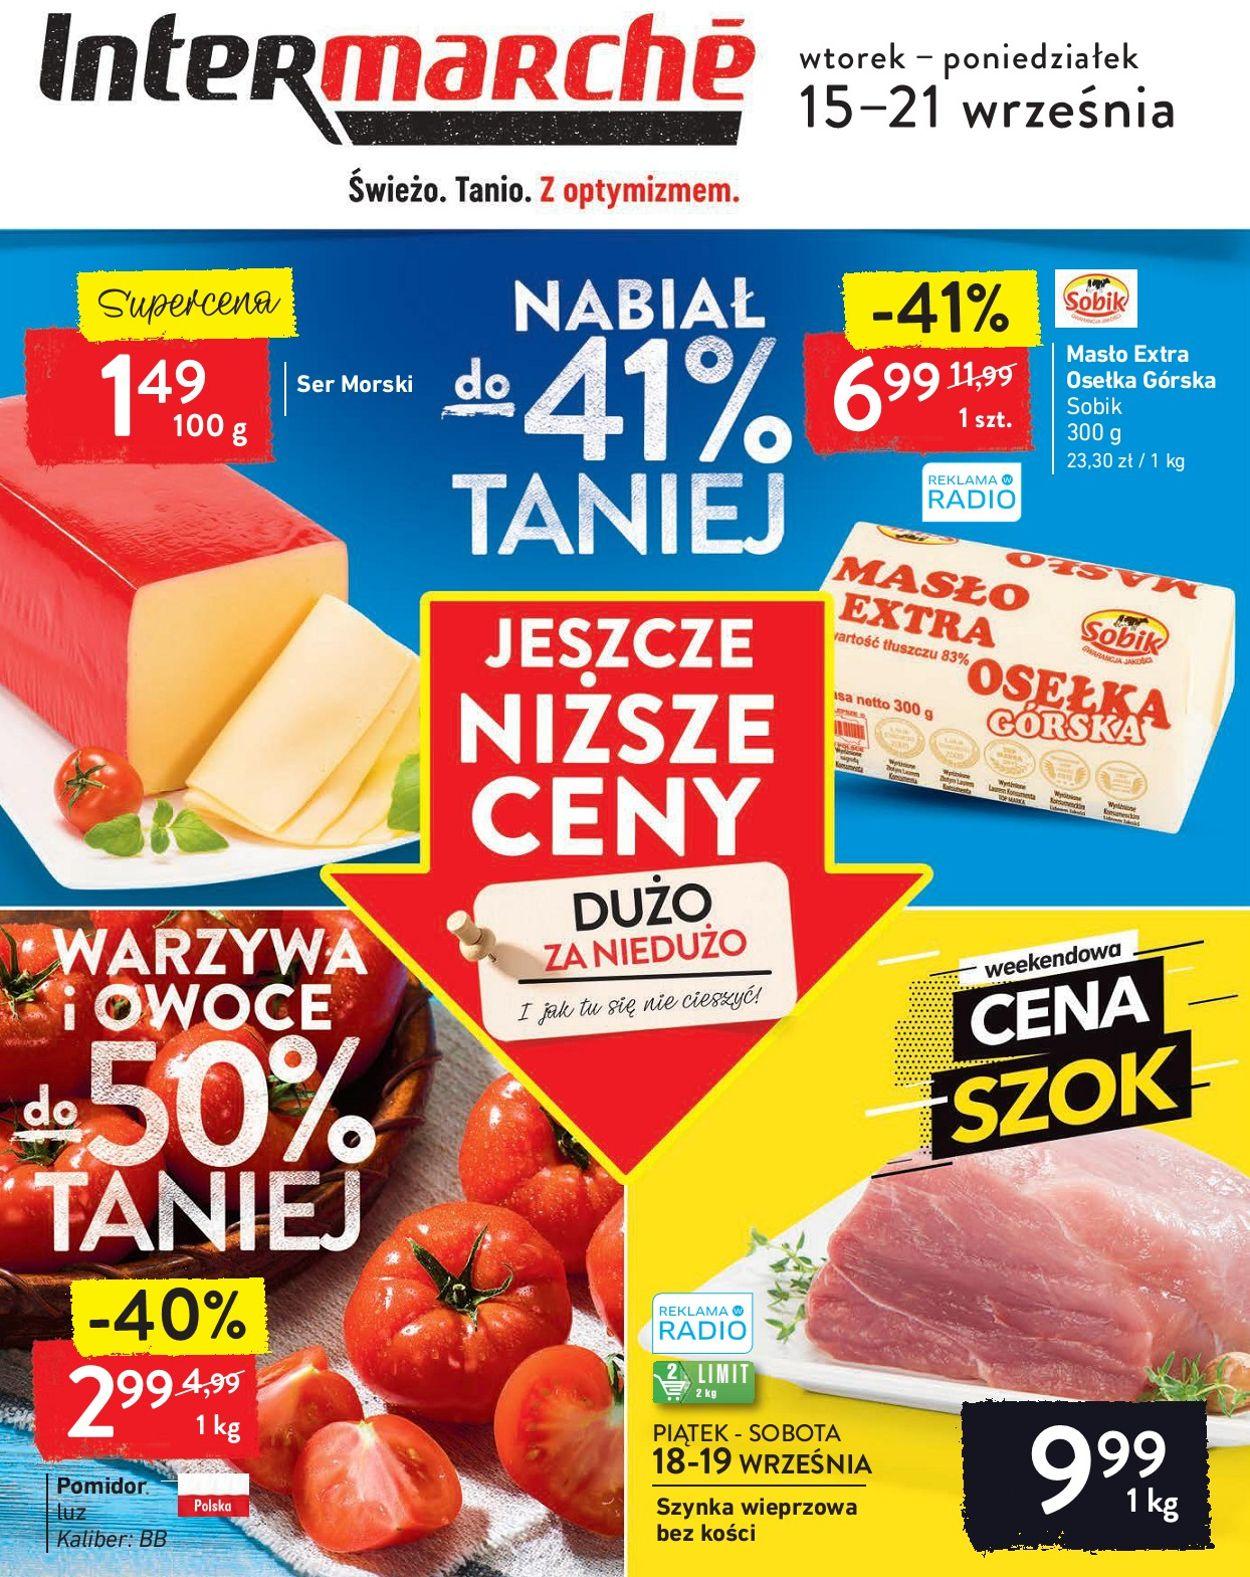 Gazetka promocyjna Intermarché - 15.09-21.09.2020